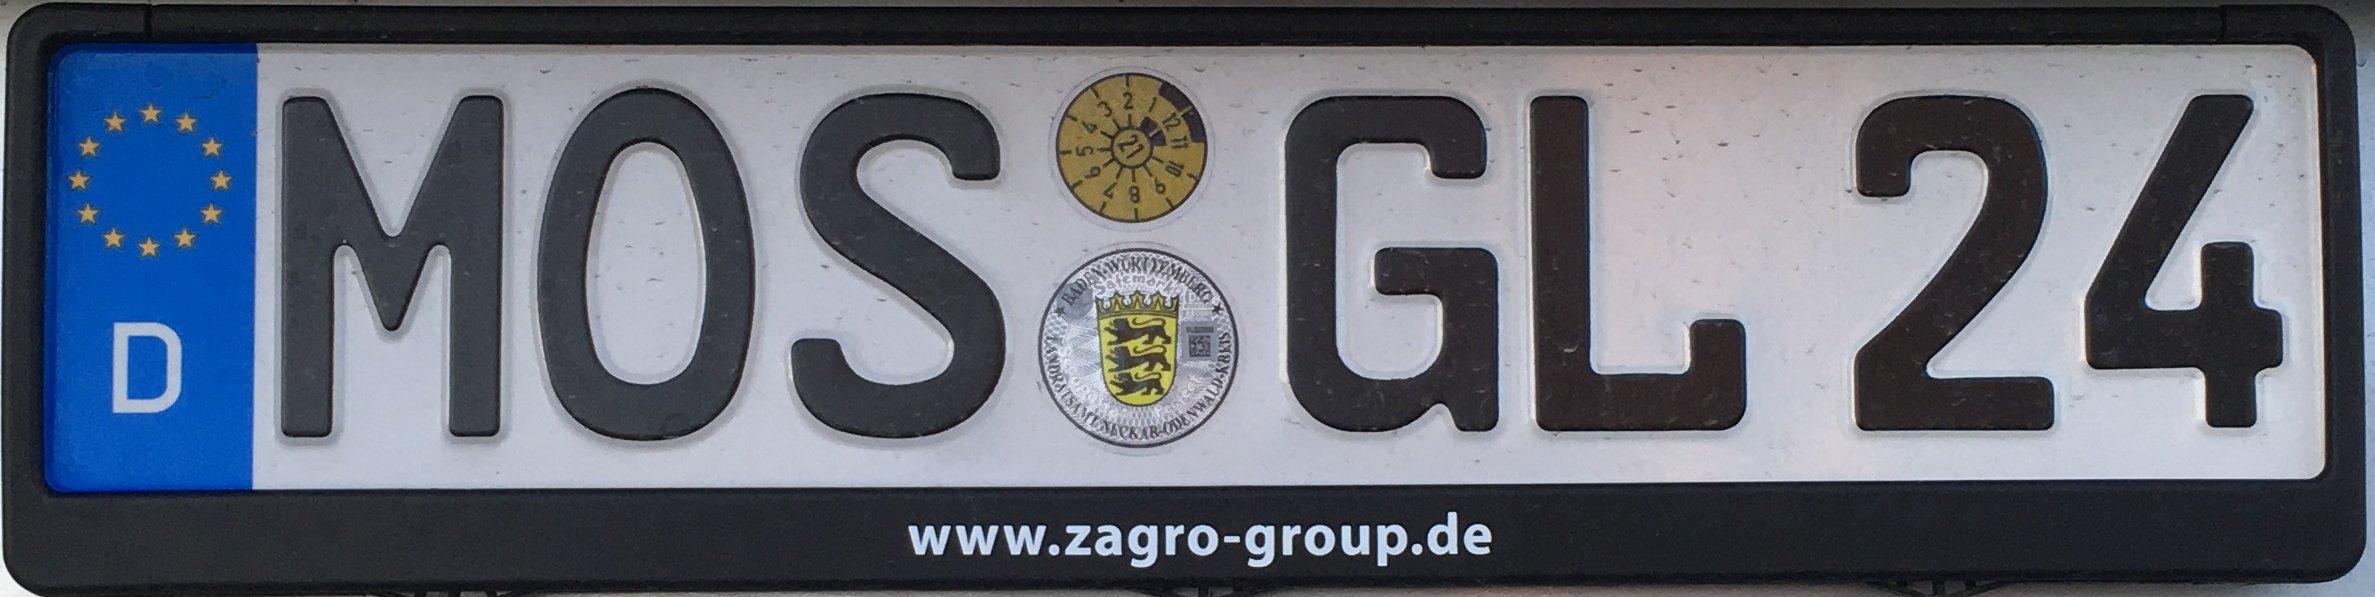 Registrační značky Německo - MOS - Mosbach, foto: podalnici.cz